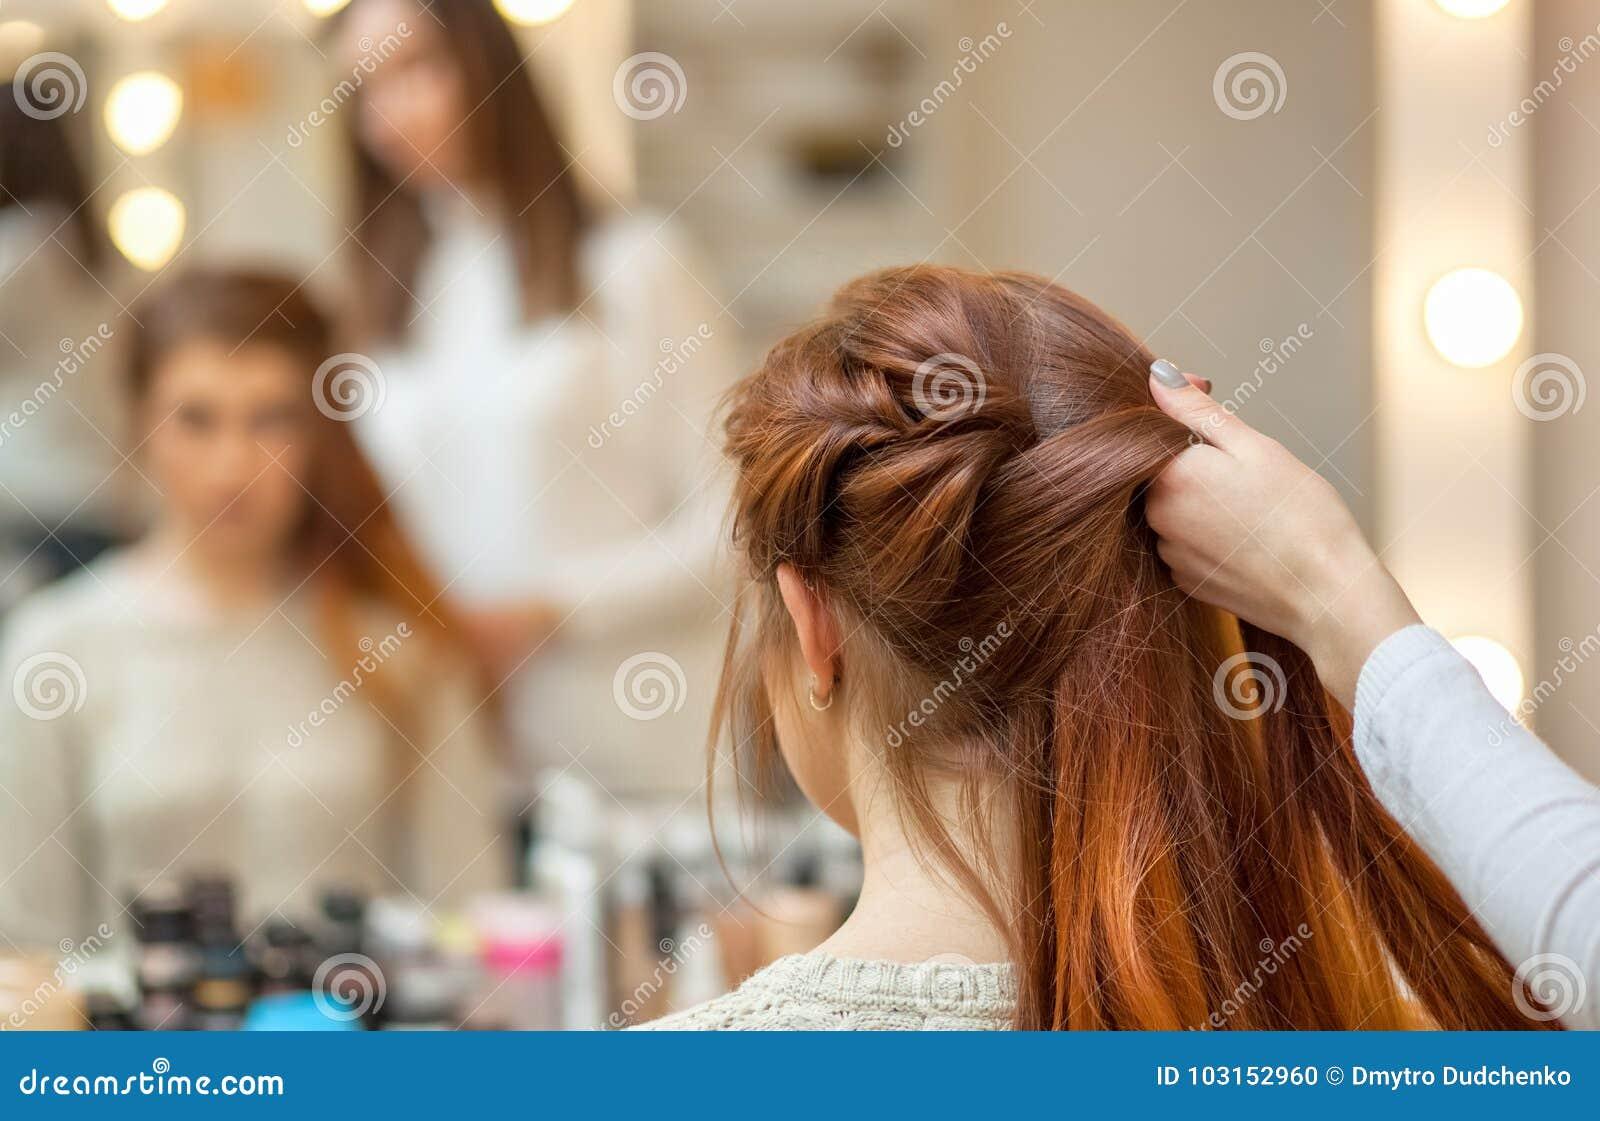 La muchacha hermosa, pelirroja con el pelo largo, peluquero teje una trenza francesa, en un salón de belleza